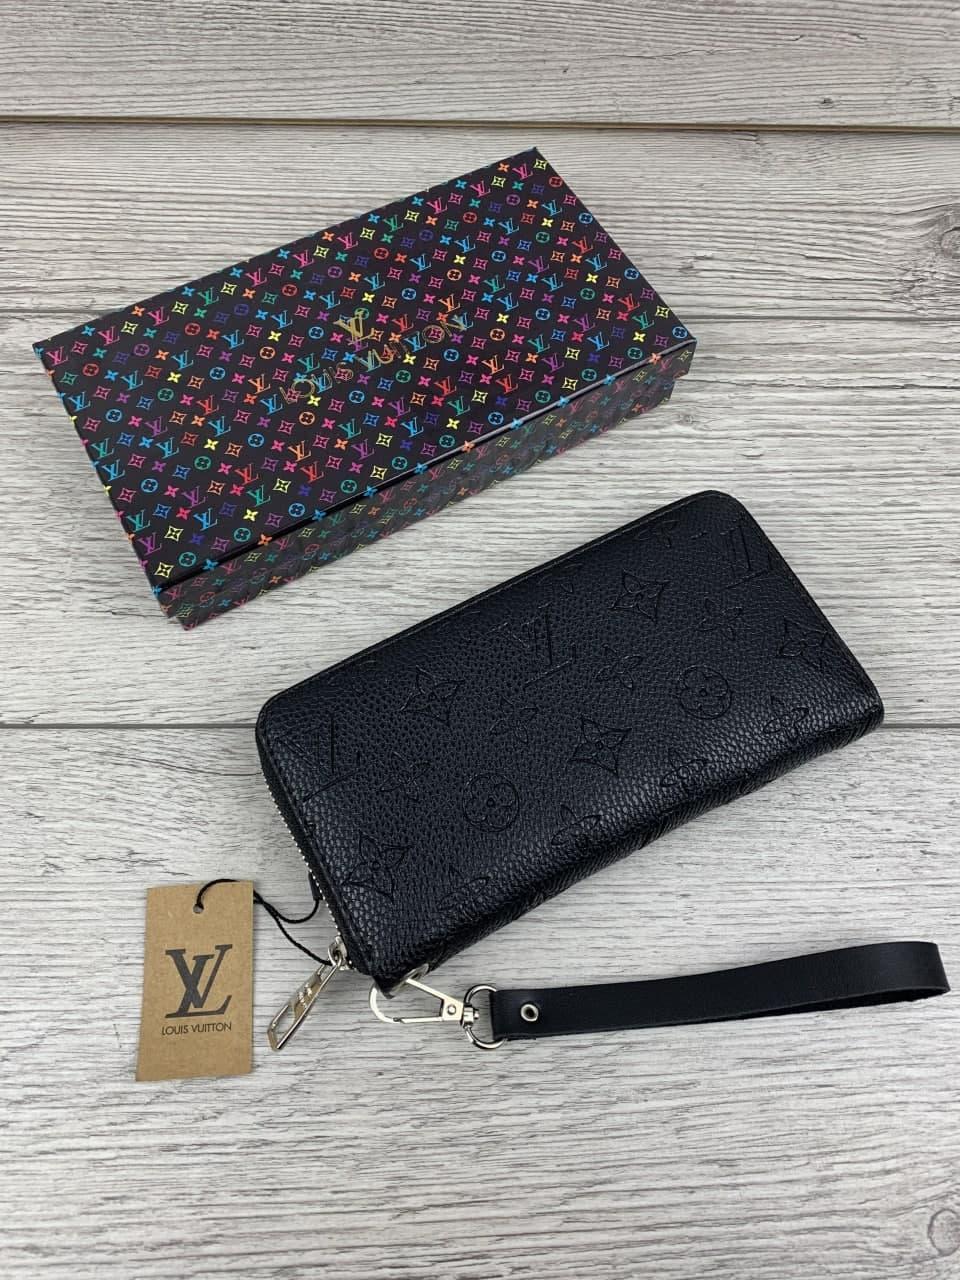 Чоловічий гаманець, клатч брендовий, зручний місткий гаманець чорний